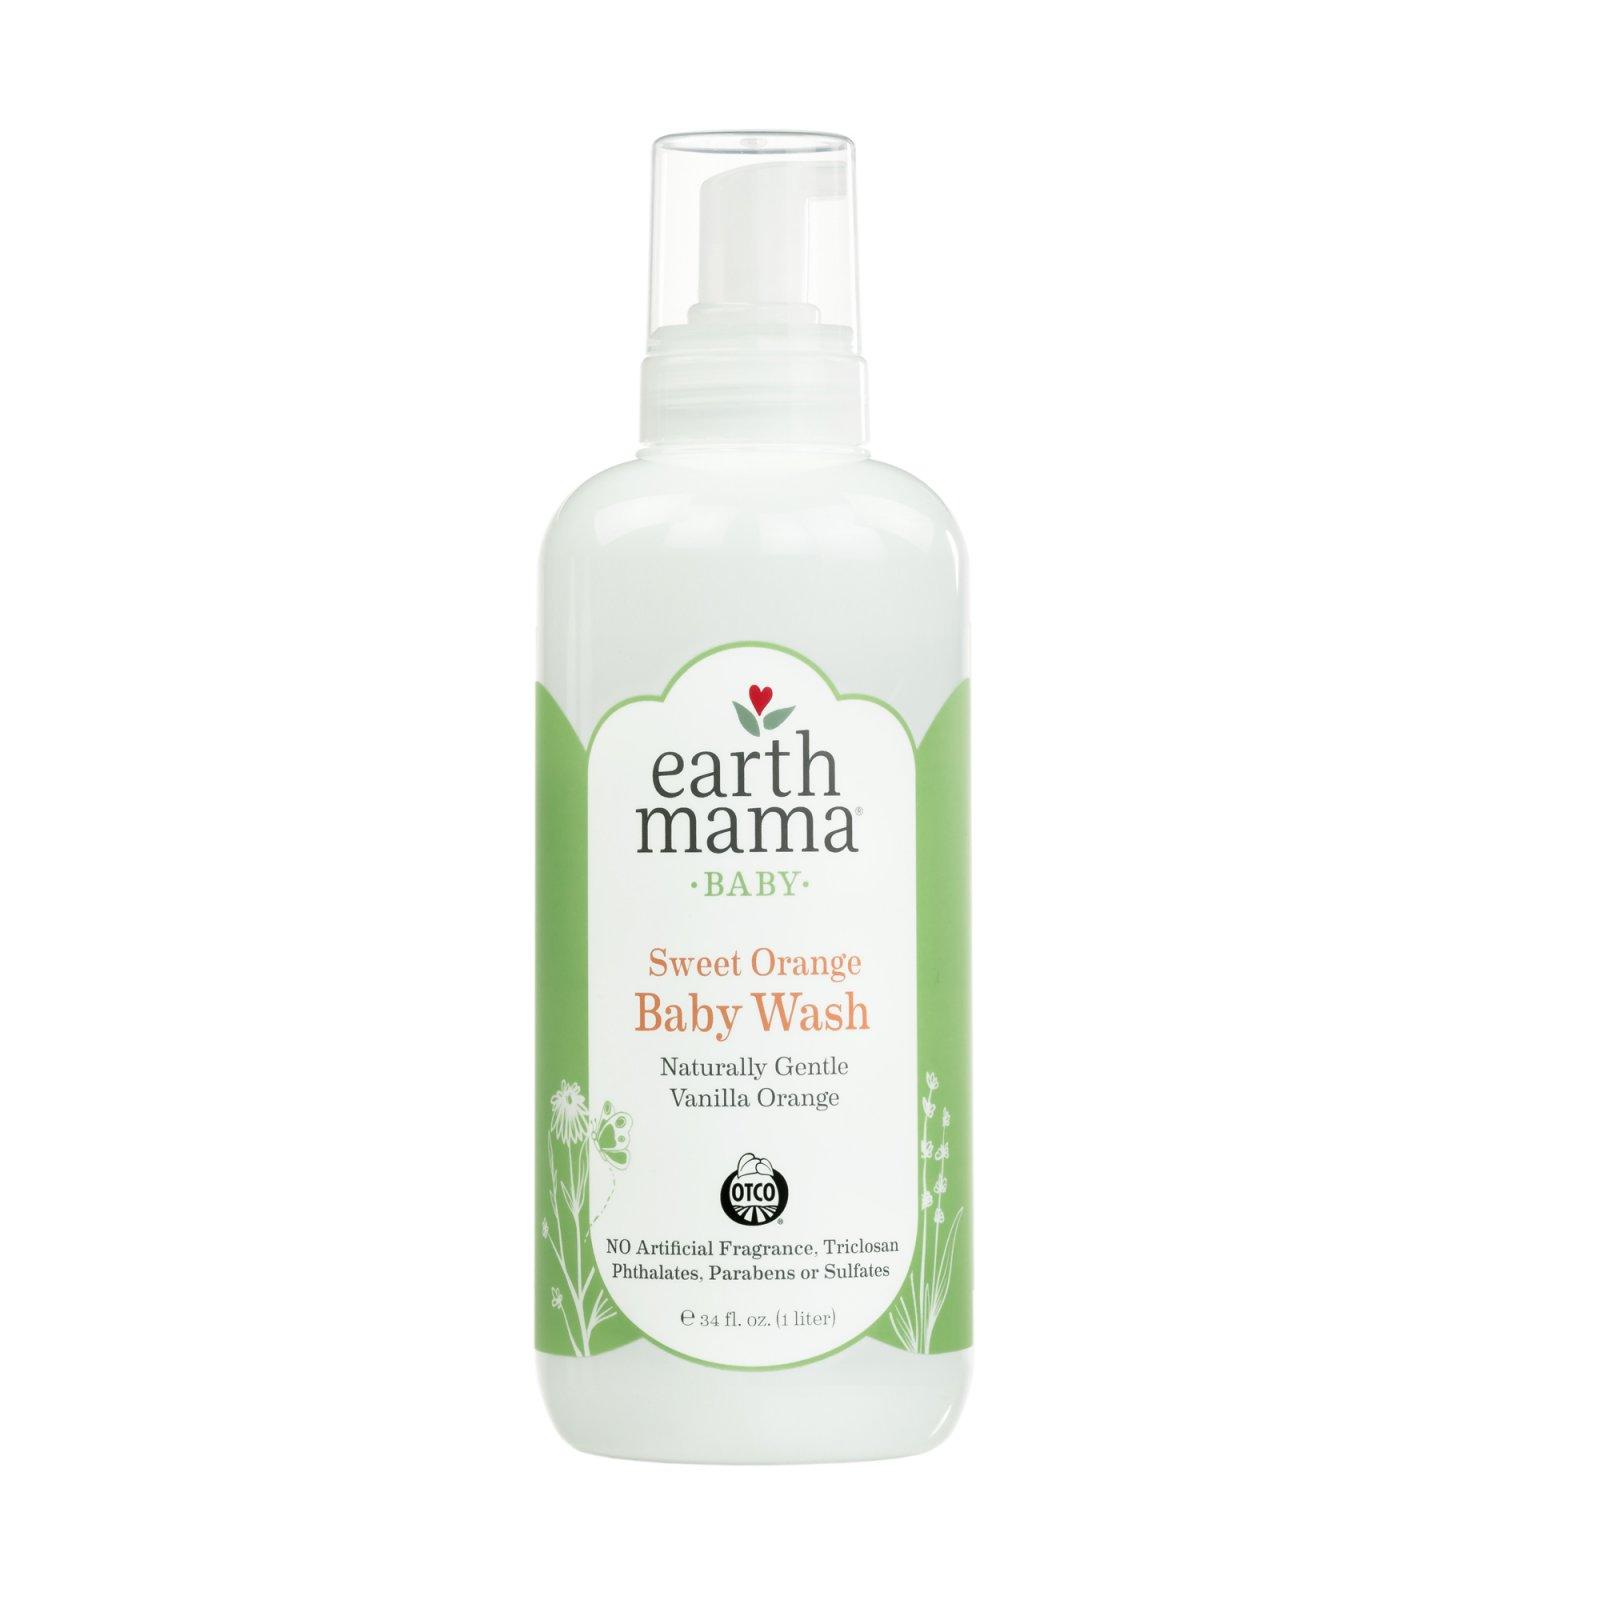 Earth Mama Baby Wash